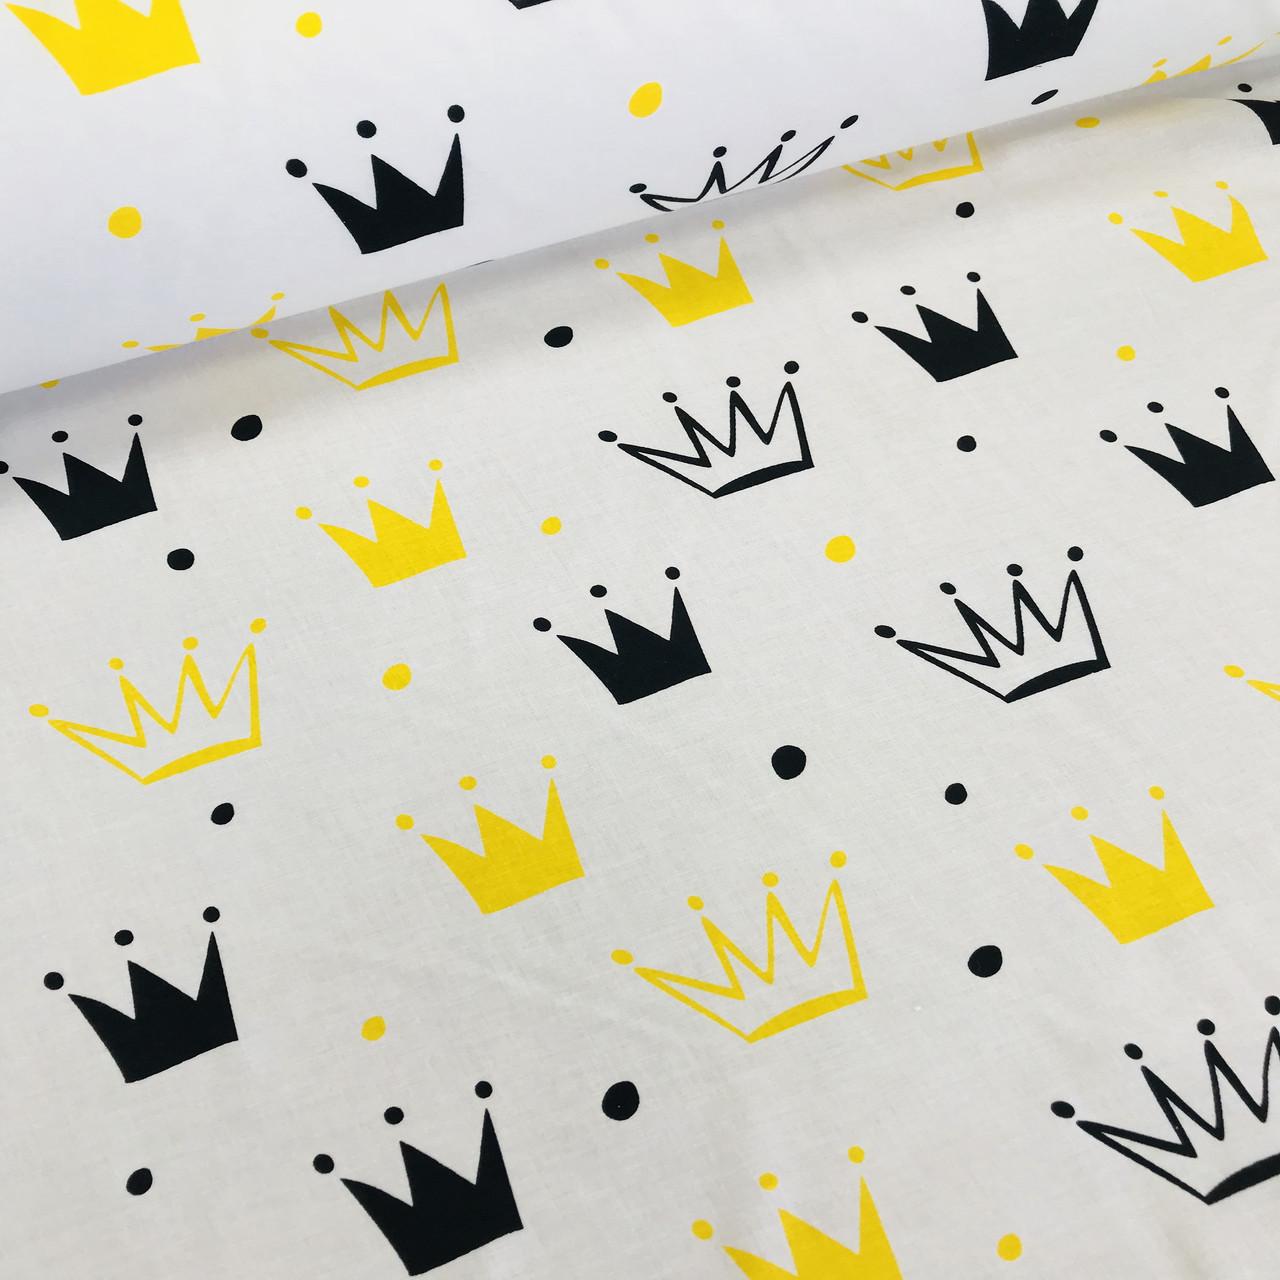 ФЛАНЕЛЬ детская короны желтые и черные на белом